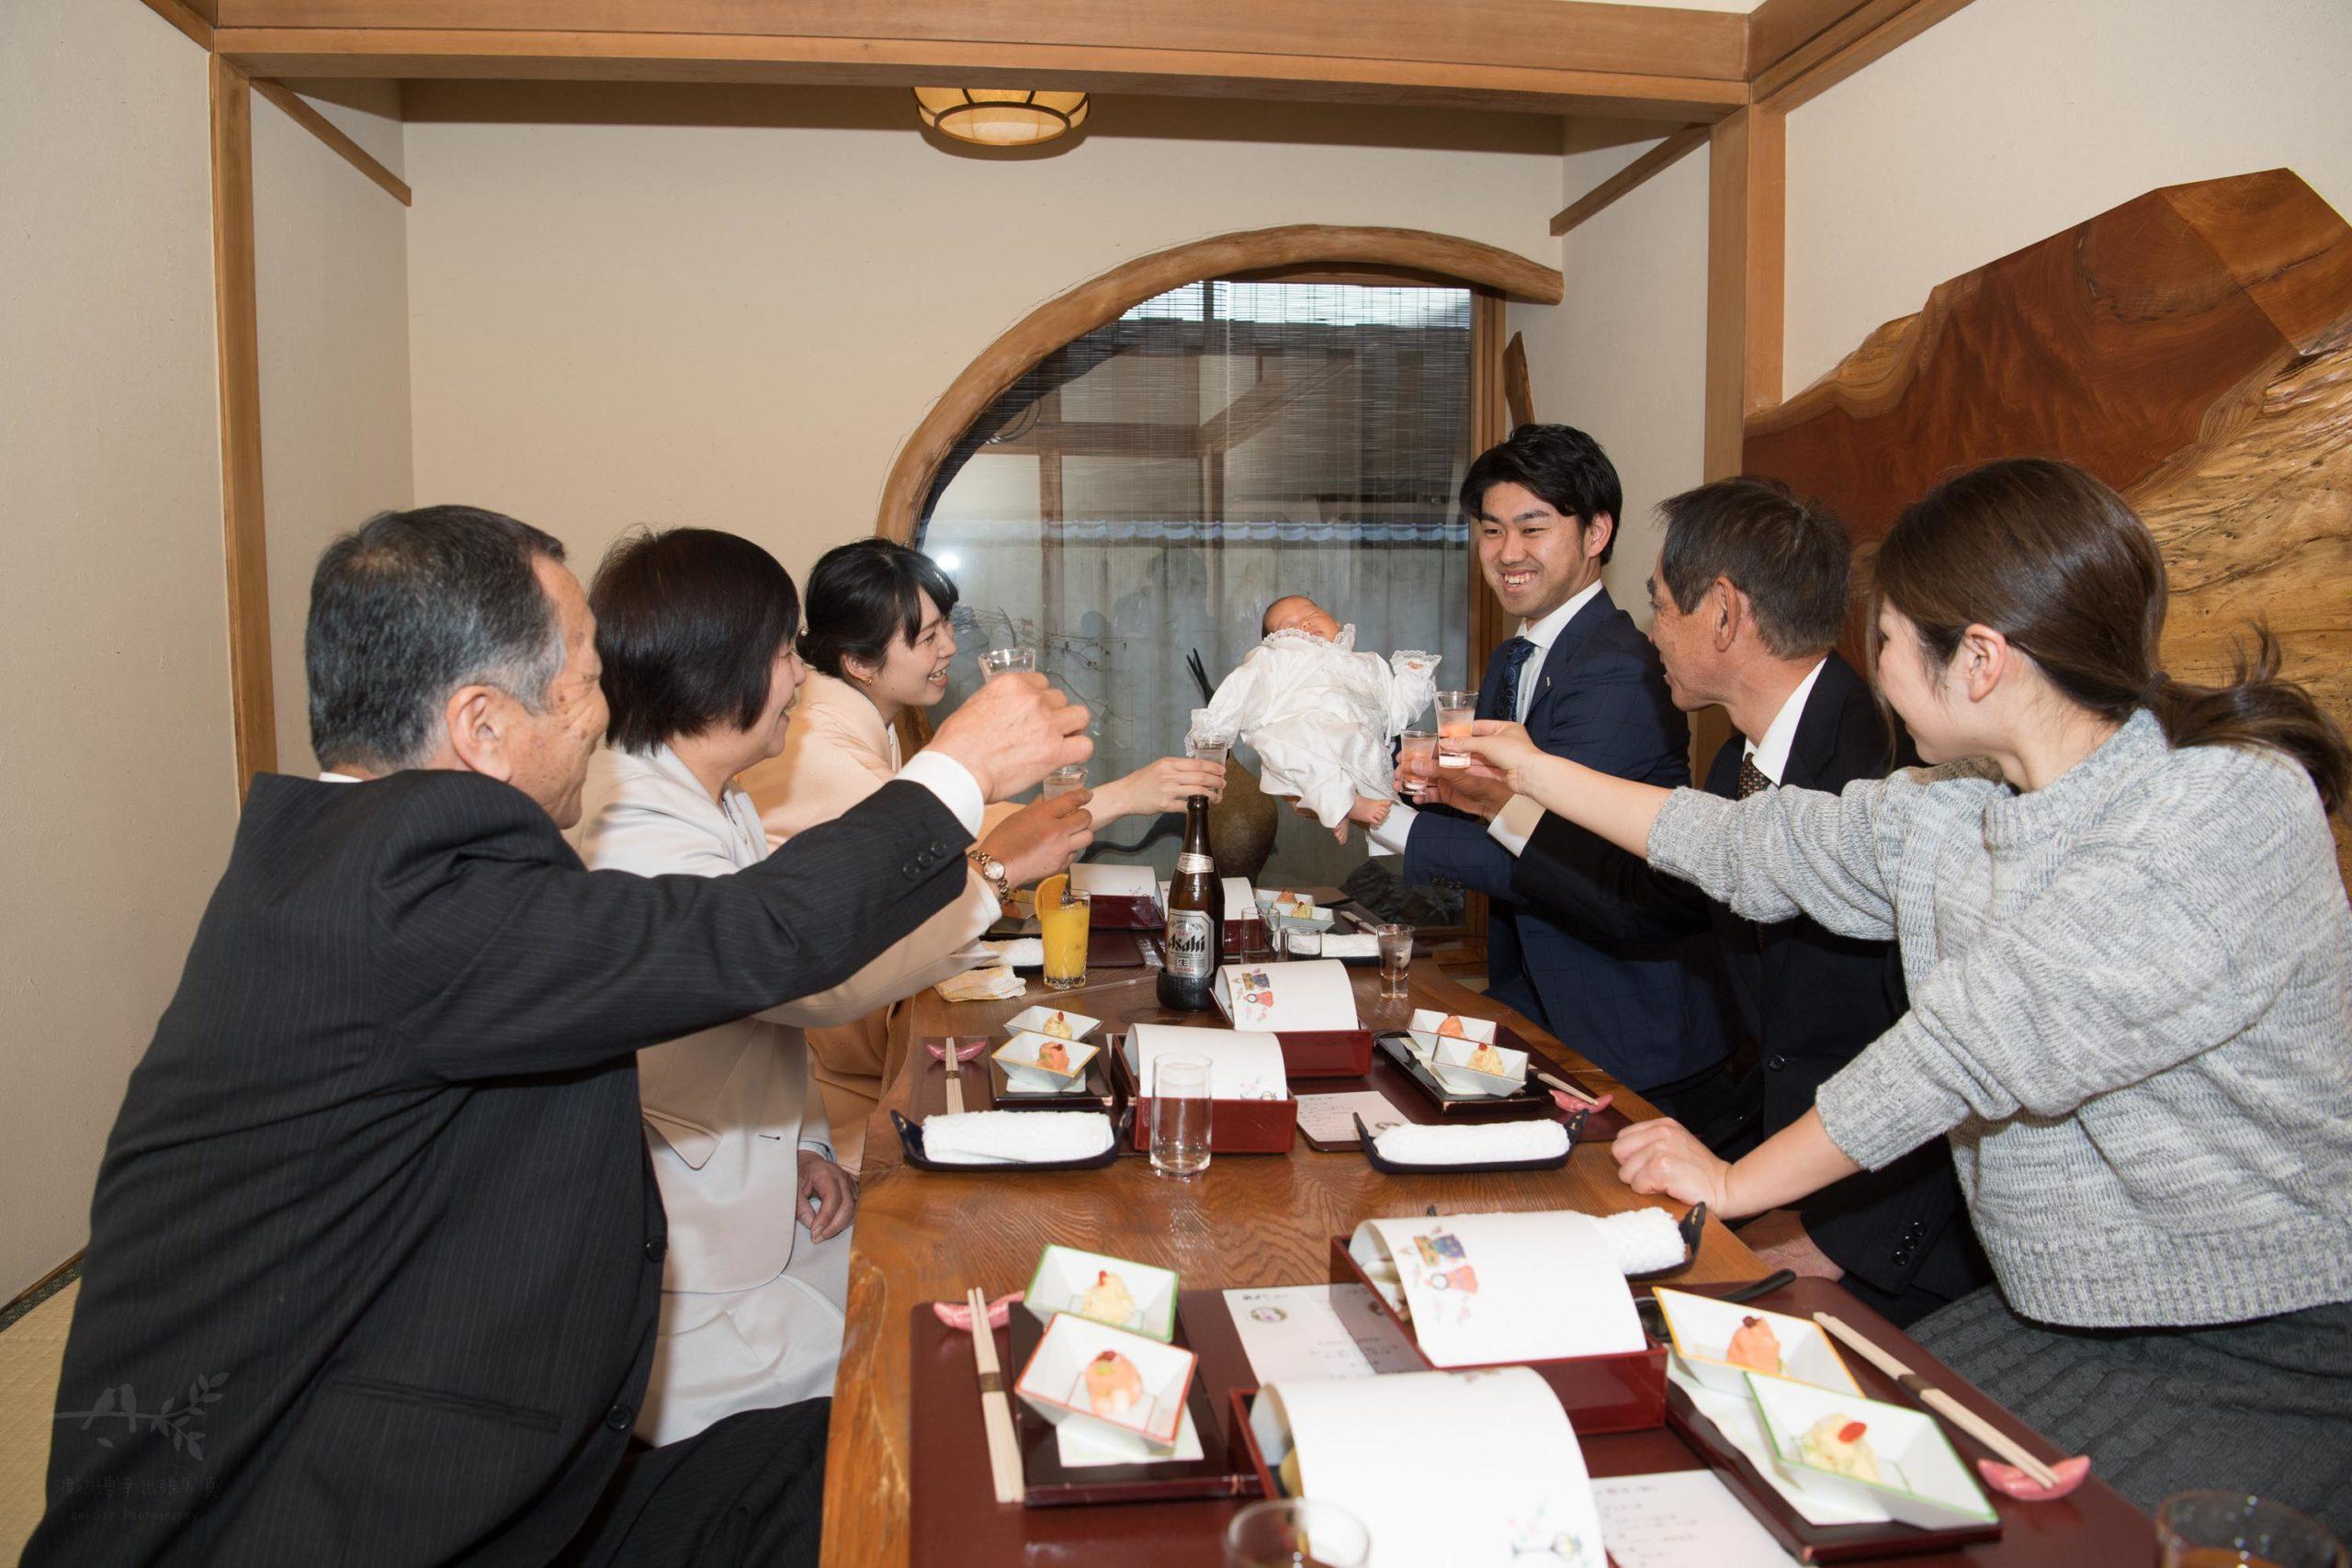 レストランの個室で乾杯する複数のひとたち